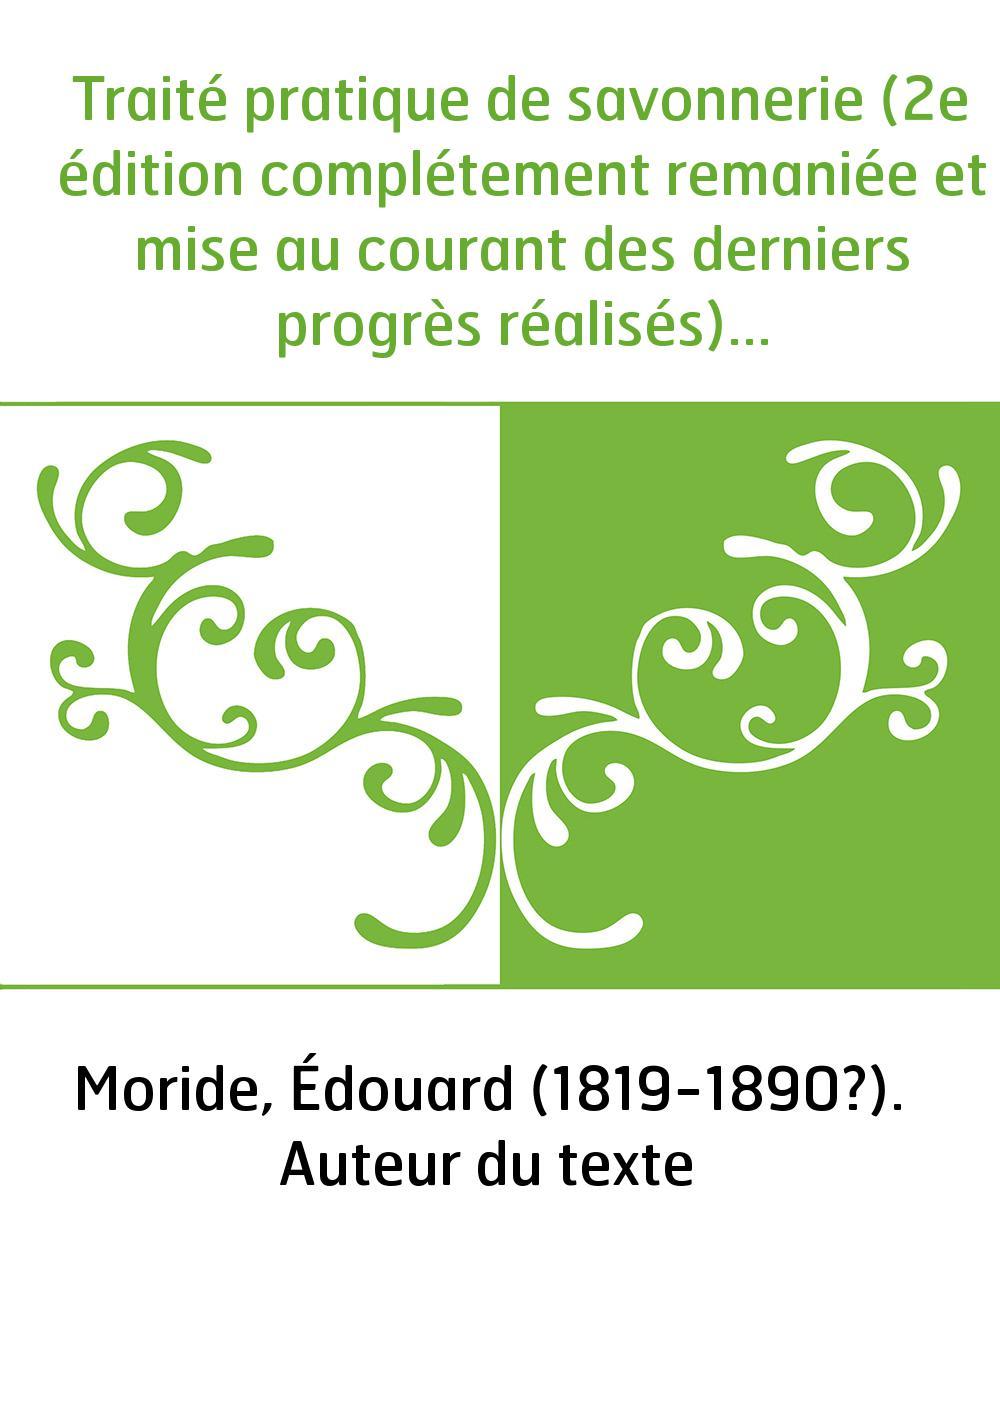 Traité pratique de savonnerie (2e édition complétement remaniée et mise au courant des derniers progrès réalisés) / matières pre